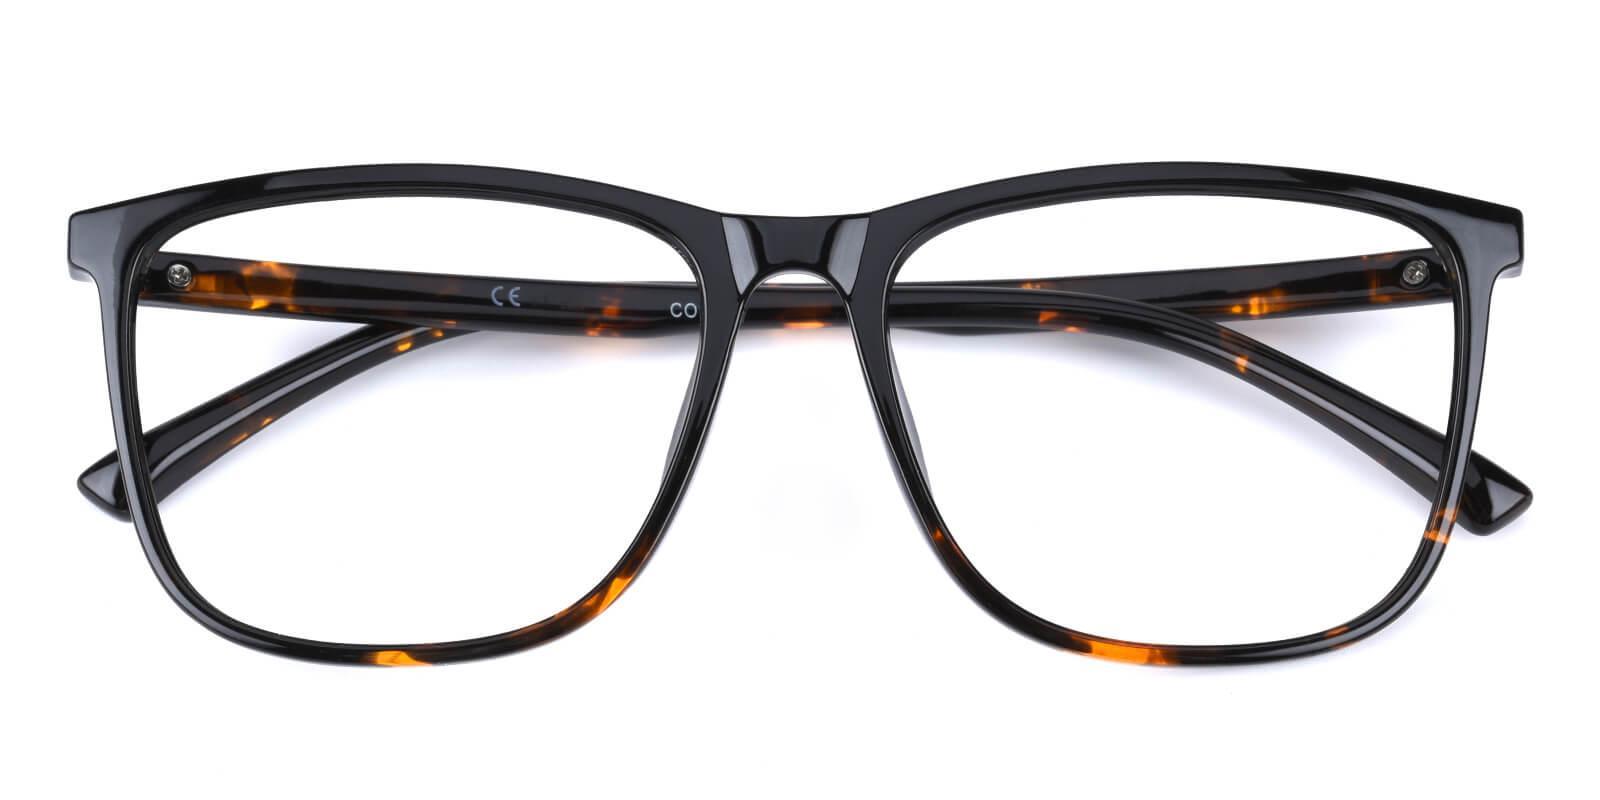 Poise-Tortoise-Square-TR-Eyeglasses-detail